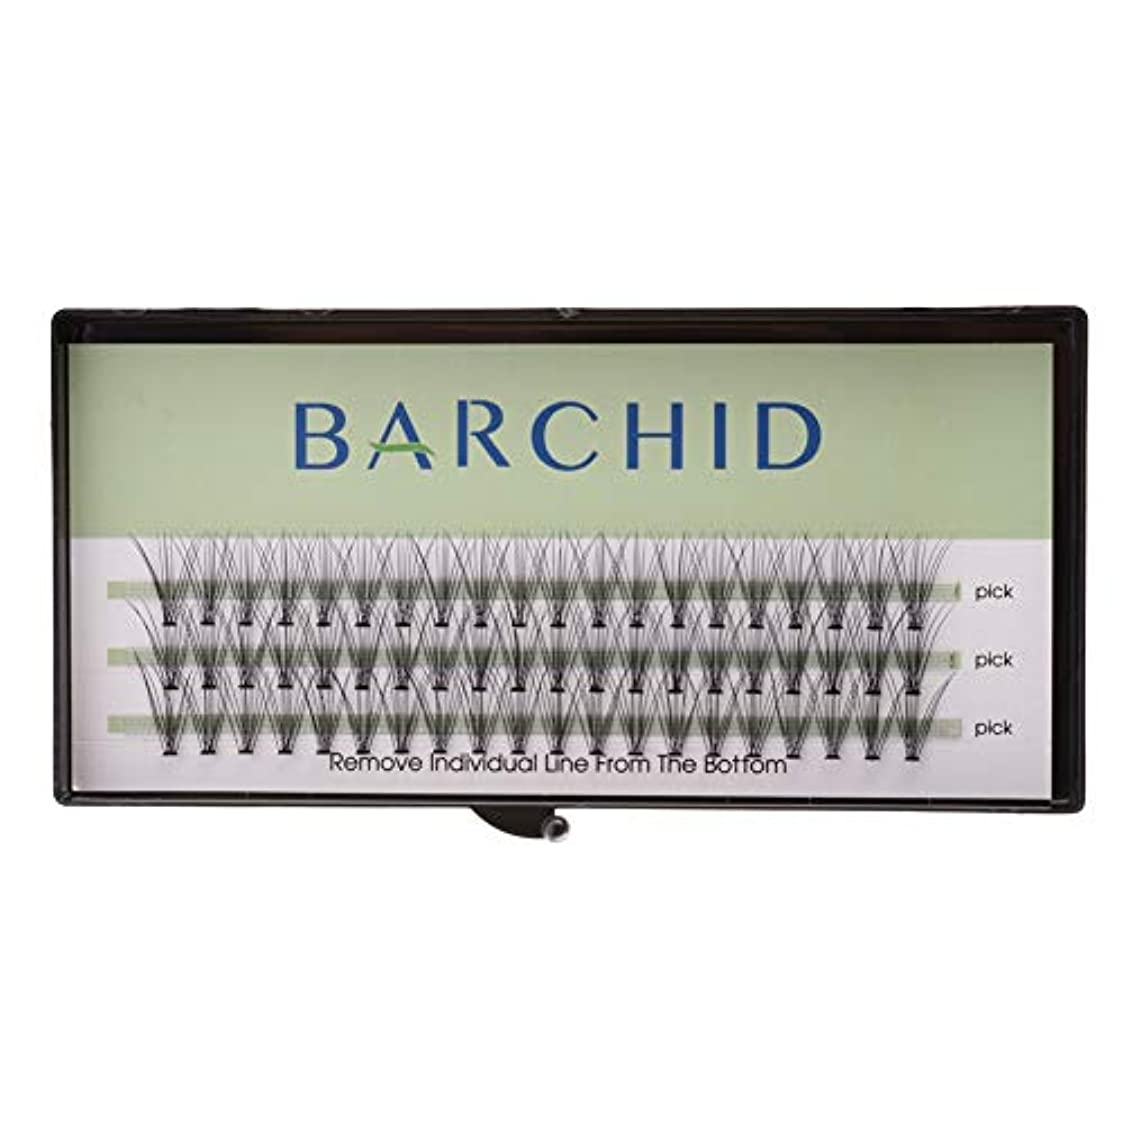 BARCHID つけまつげ ナチュラルつけまつげ高品質 まつげエクステ フレアセルフ用 超極細素材 太さ0.07mm 12mm Cカール マツエク10本束セルフマツエク キット